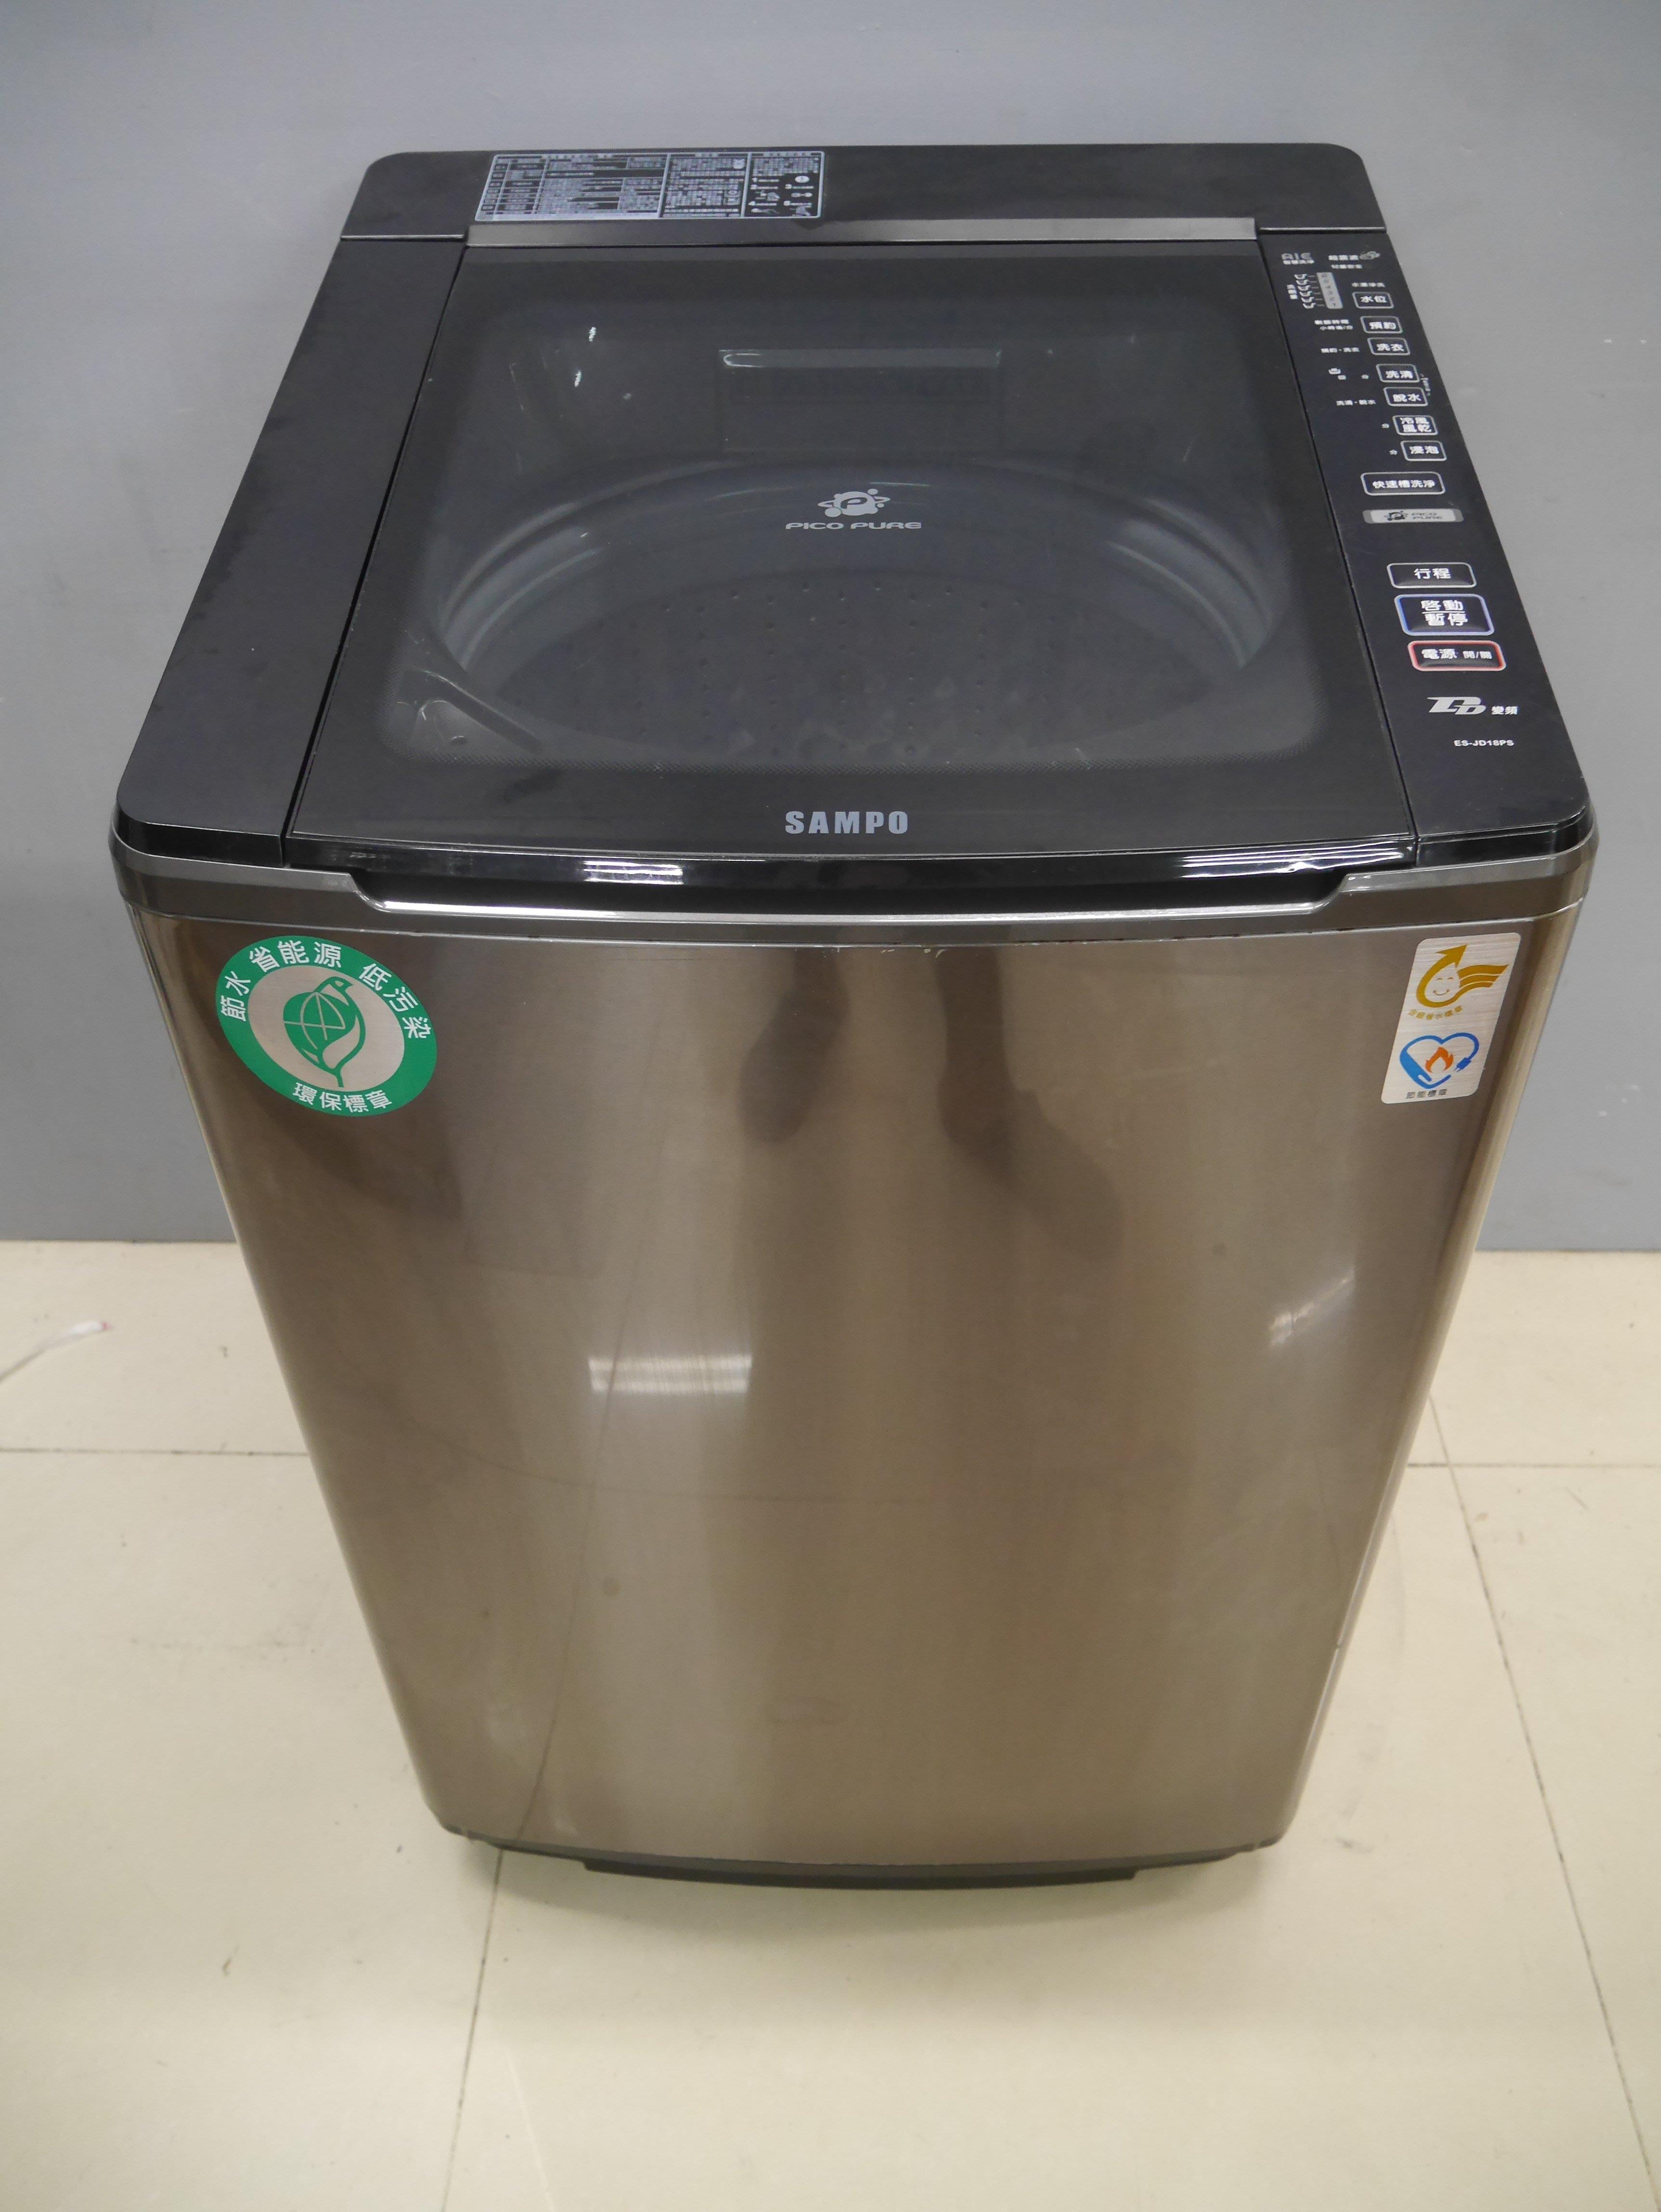 【台北二手家具】百豐悅2手買賣-二手聲寶變頻17.5公斤直立式單槽洗衣機 2019年有保固 板橋士林南港二手傢俱家電買賣